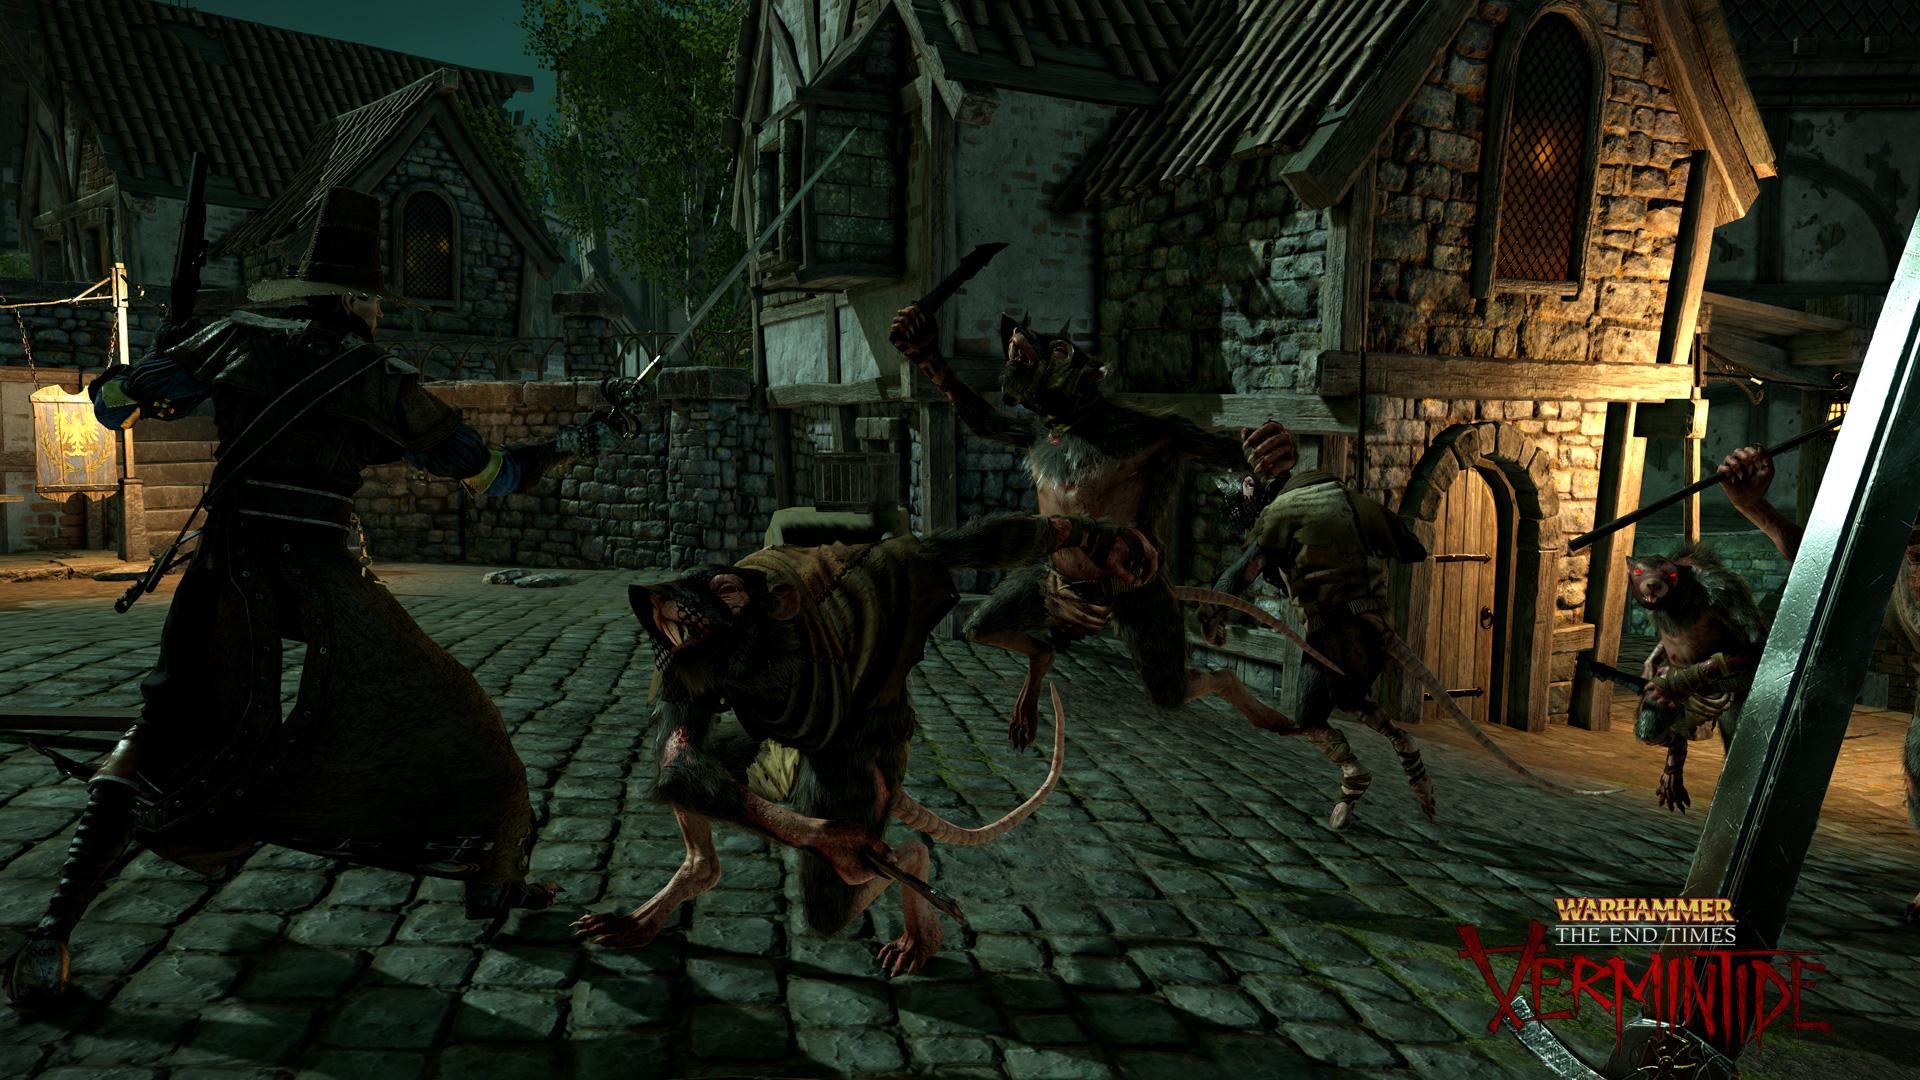 Warhammer End Times: Vermintide 1423145393-6363-capture-d-ecran